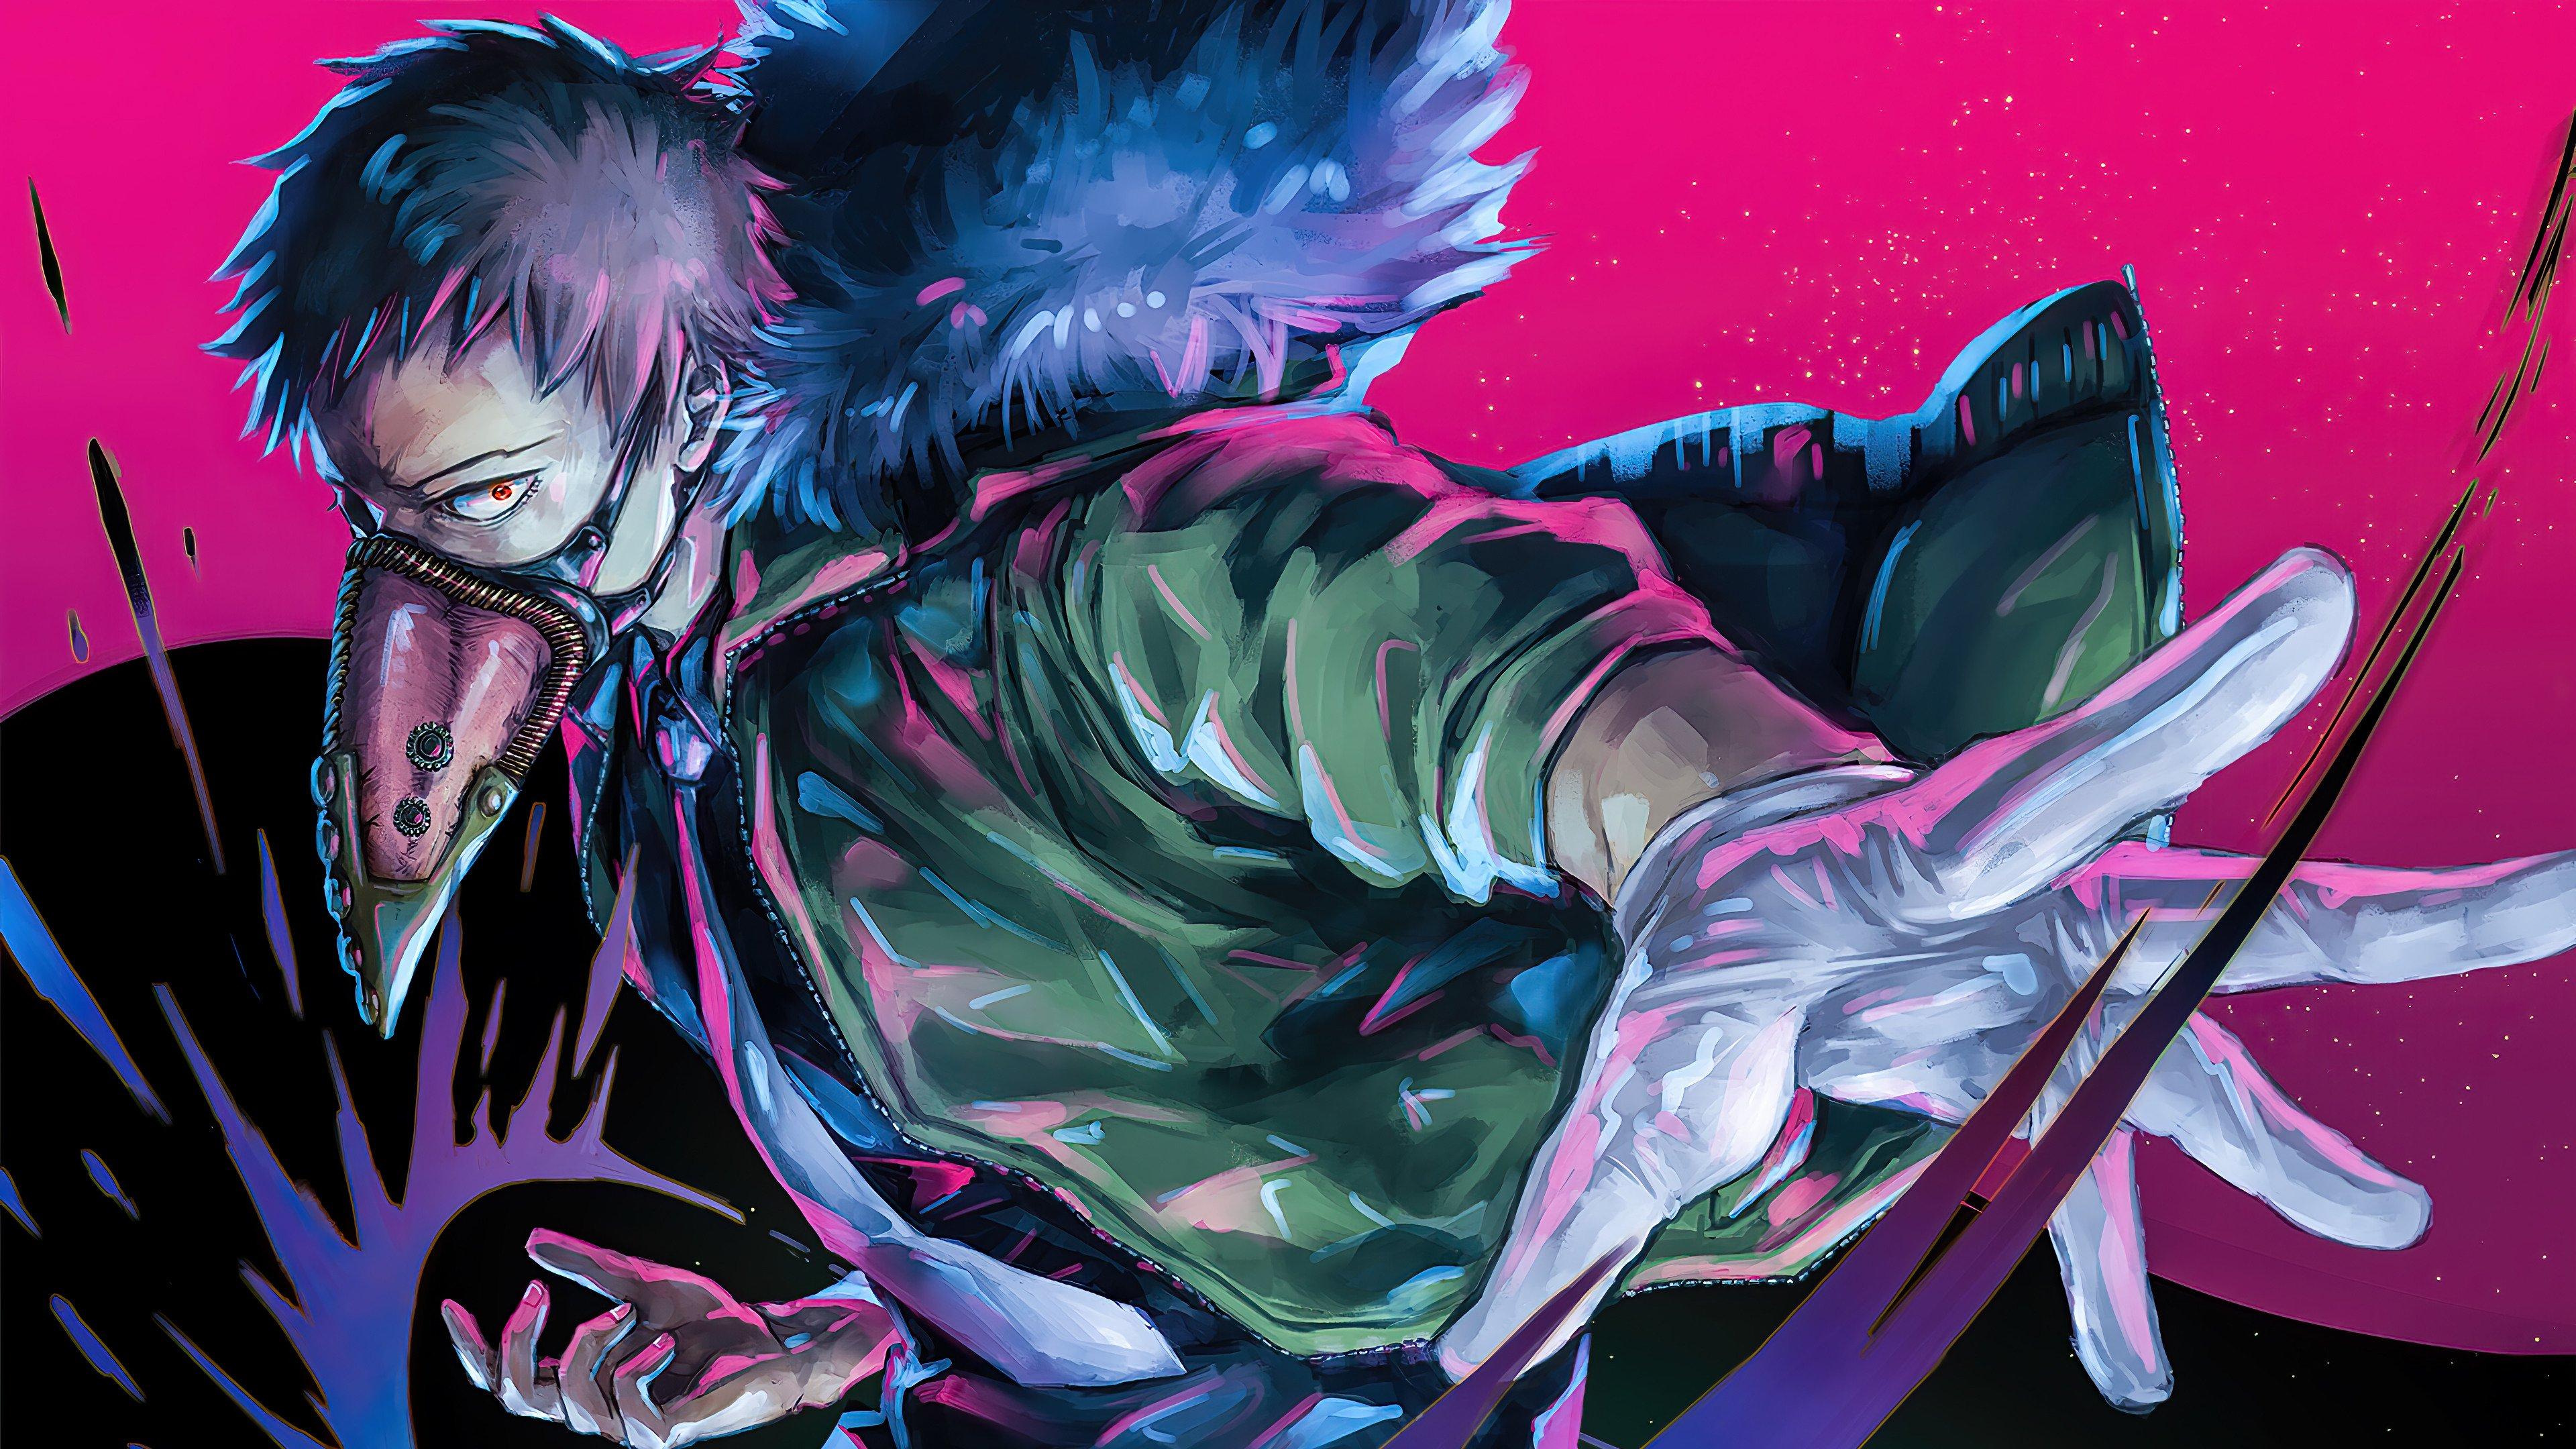 Fondos de pantalla Anime Kai Chisaki de My hero Academia